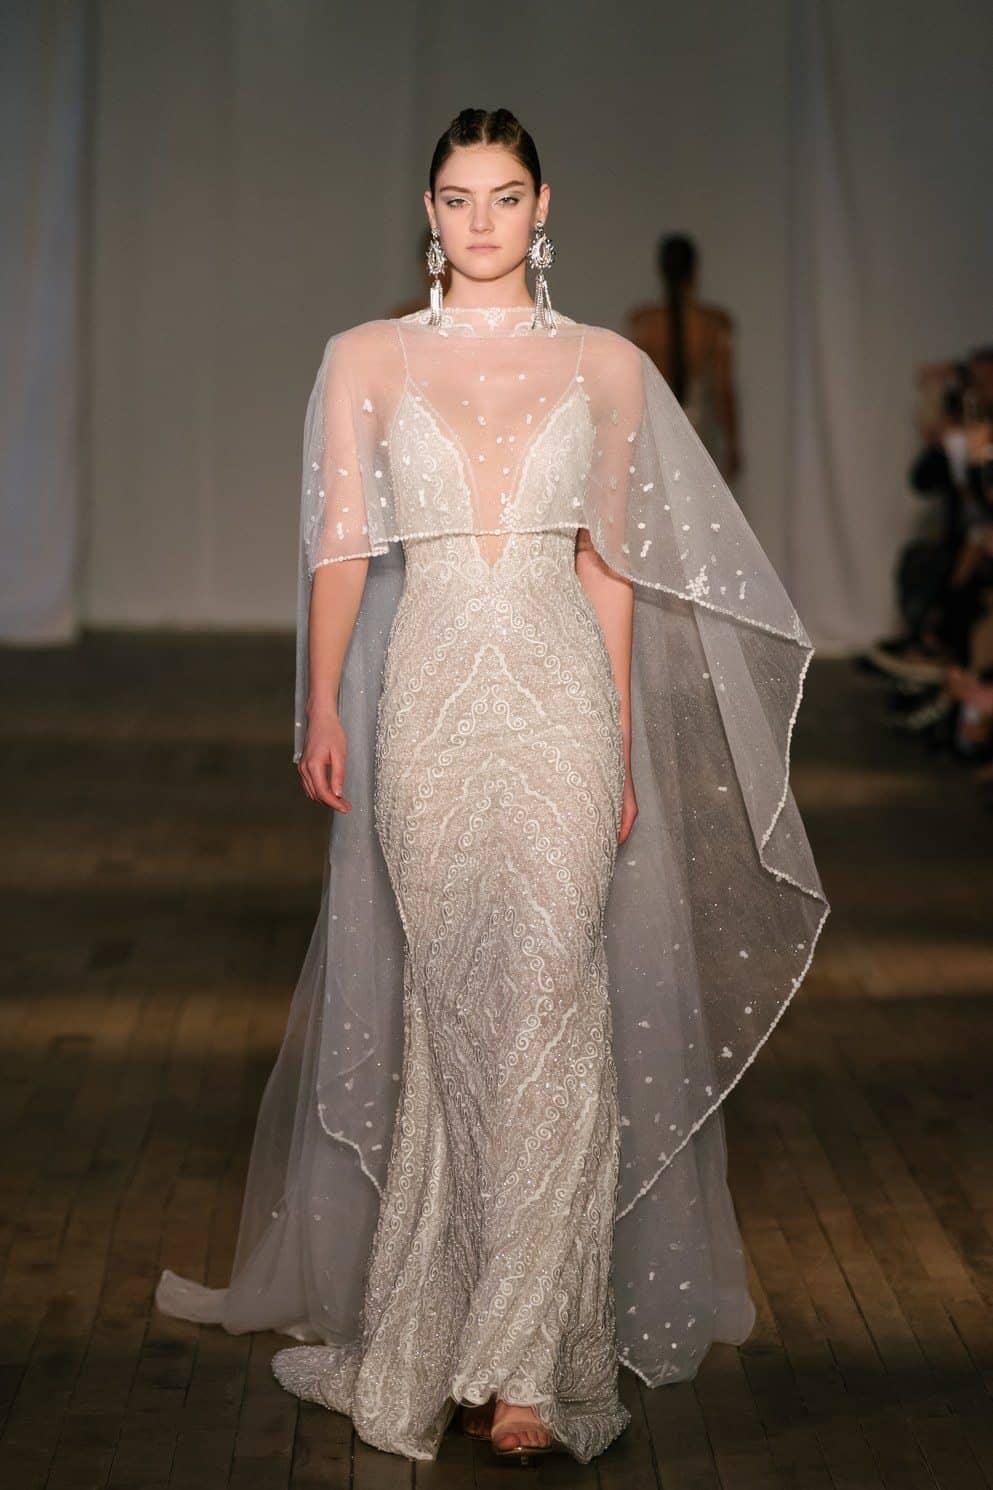 calda-longa-capa-berta-wedding-dresses-spring-2019-010